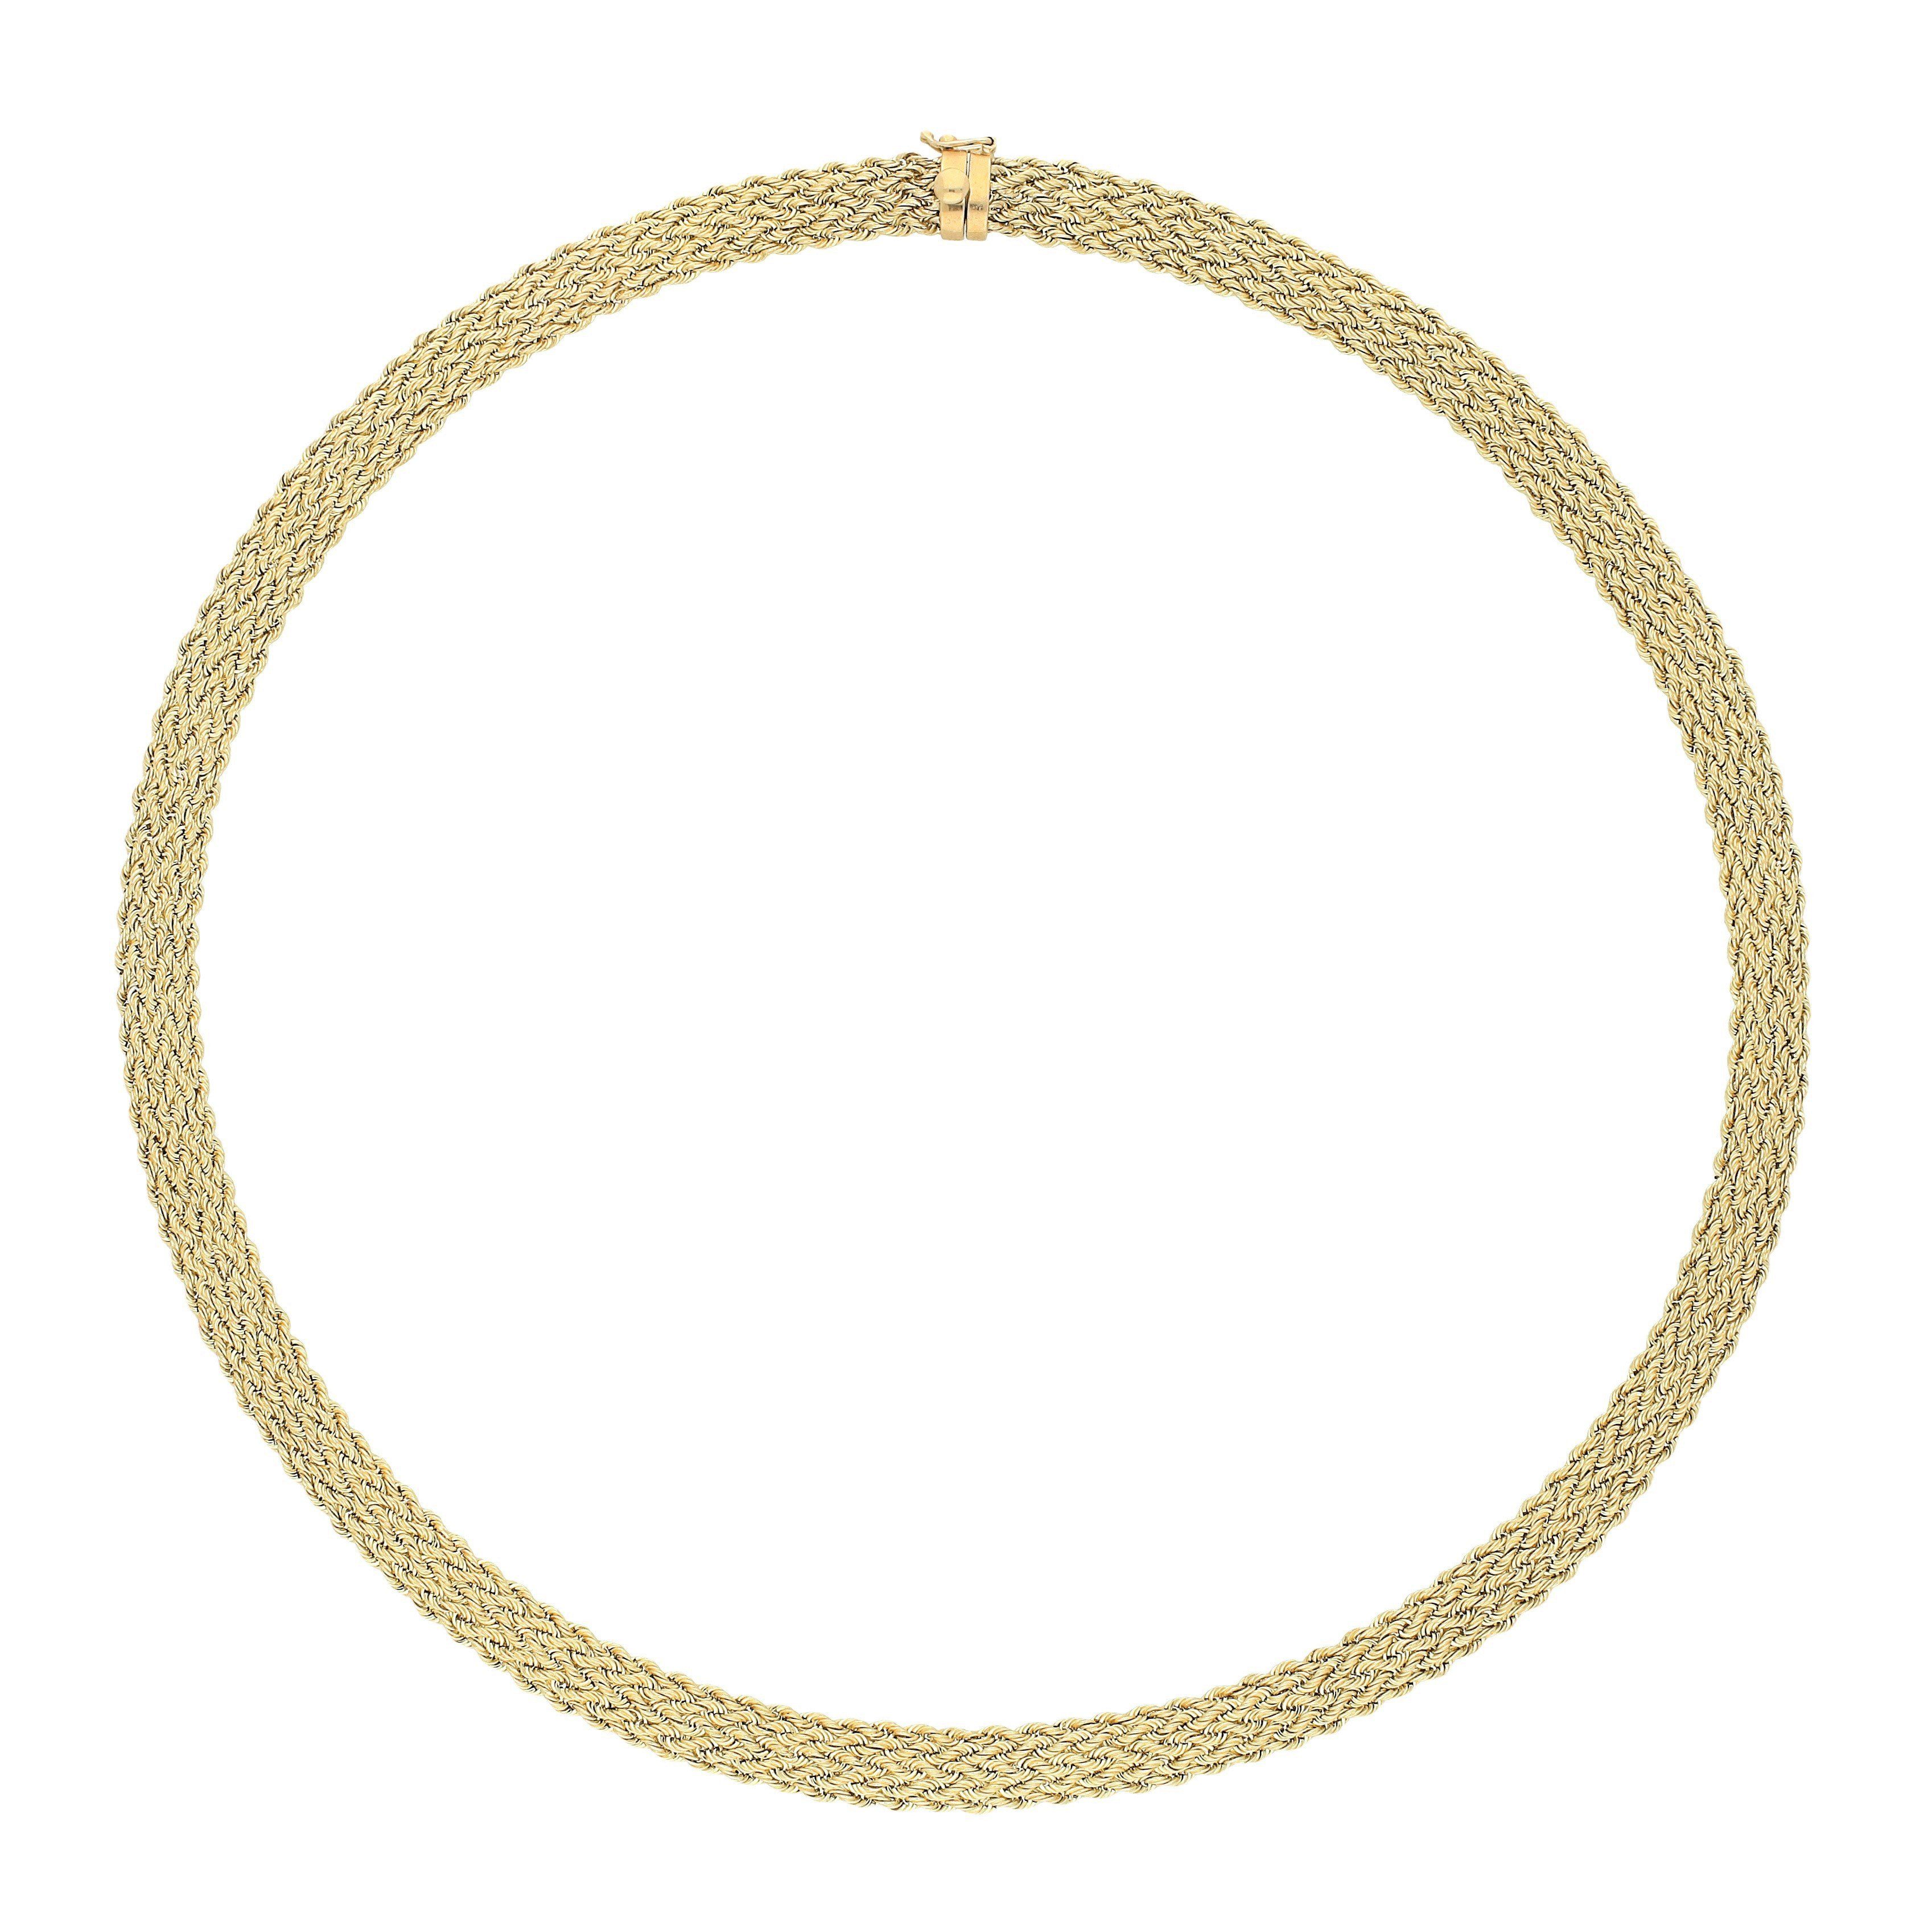 Vivance Kette ohne Anhänger Kordelstil | Schmuck > Halsketten > Ketten mit Anhänger | Goldfarben | Vivance